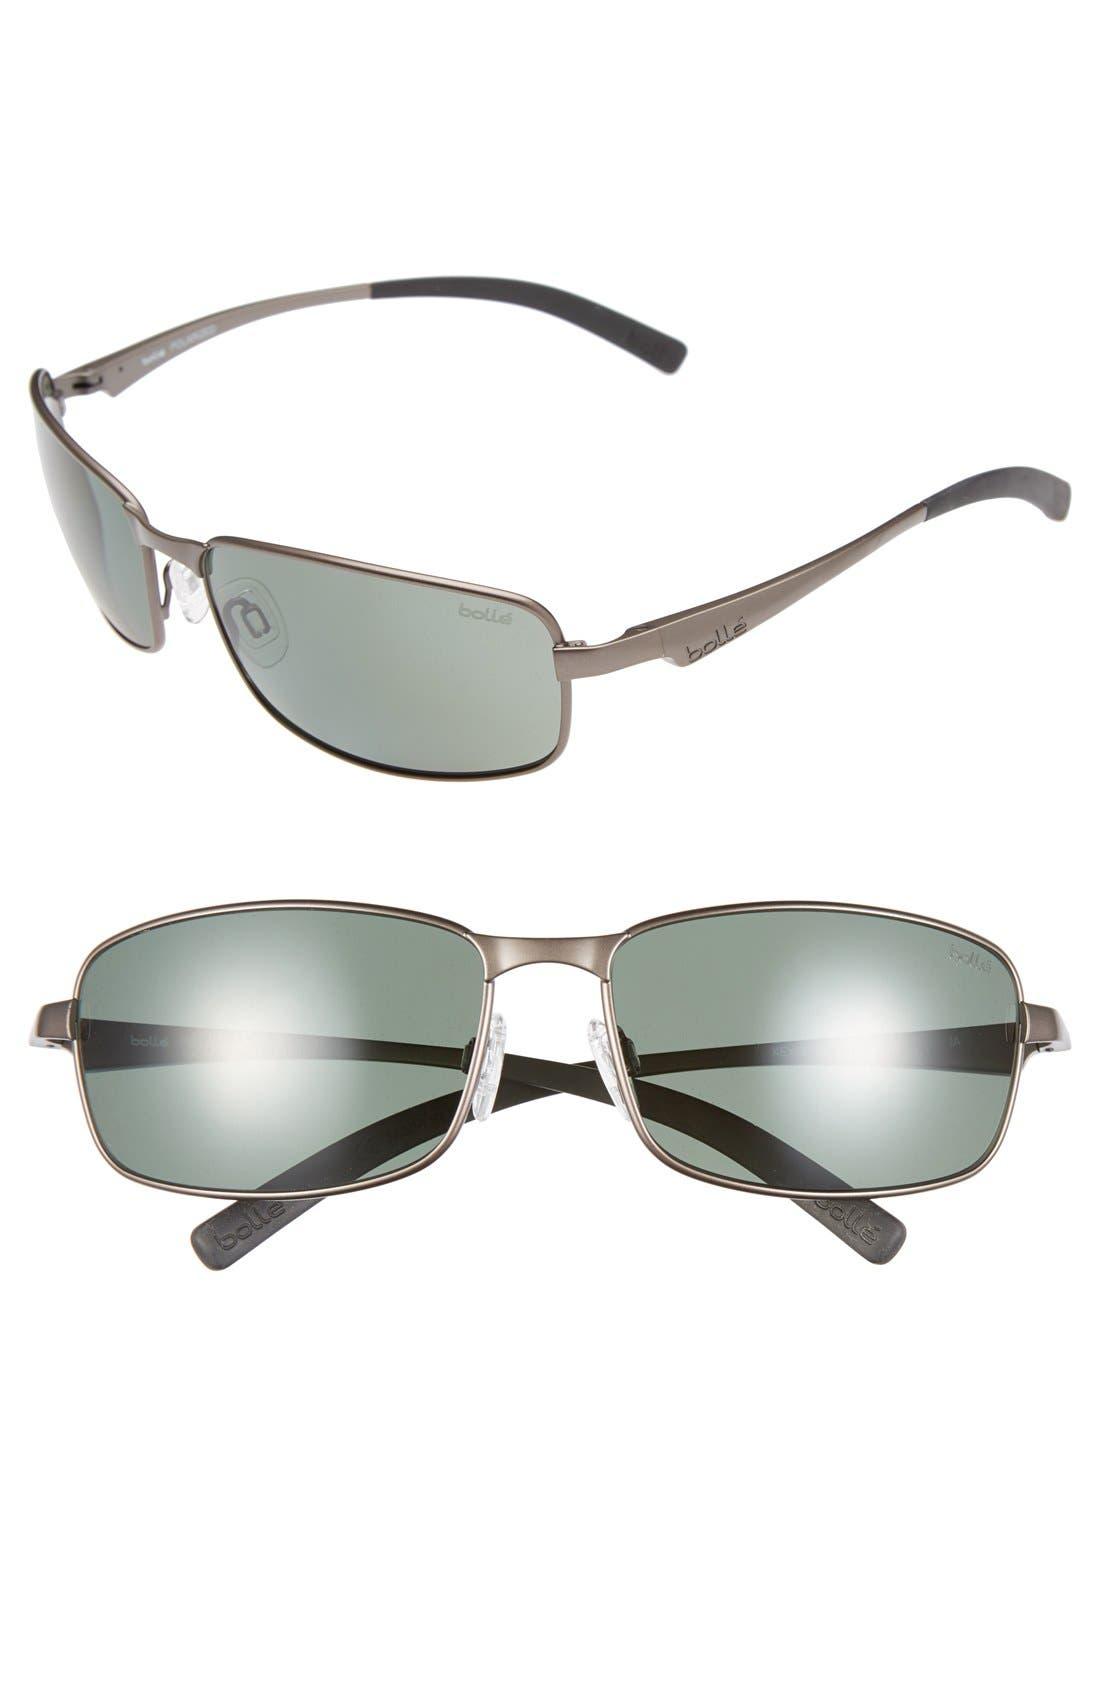 Main Image - Bolle 'Key West' 62mm Polarized Sunglasses